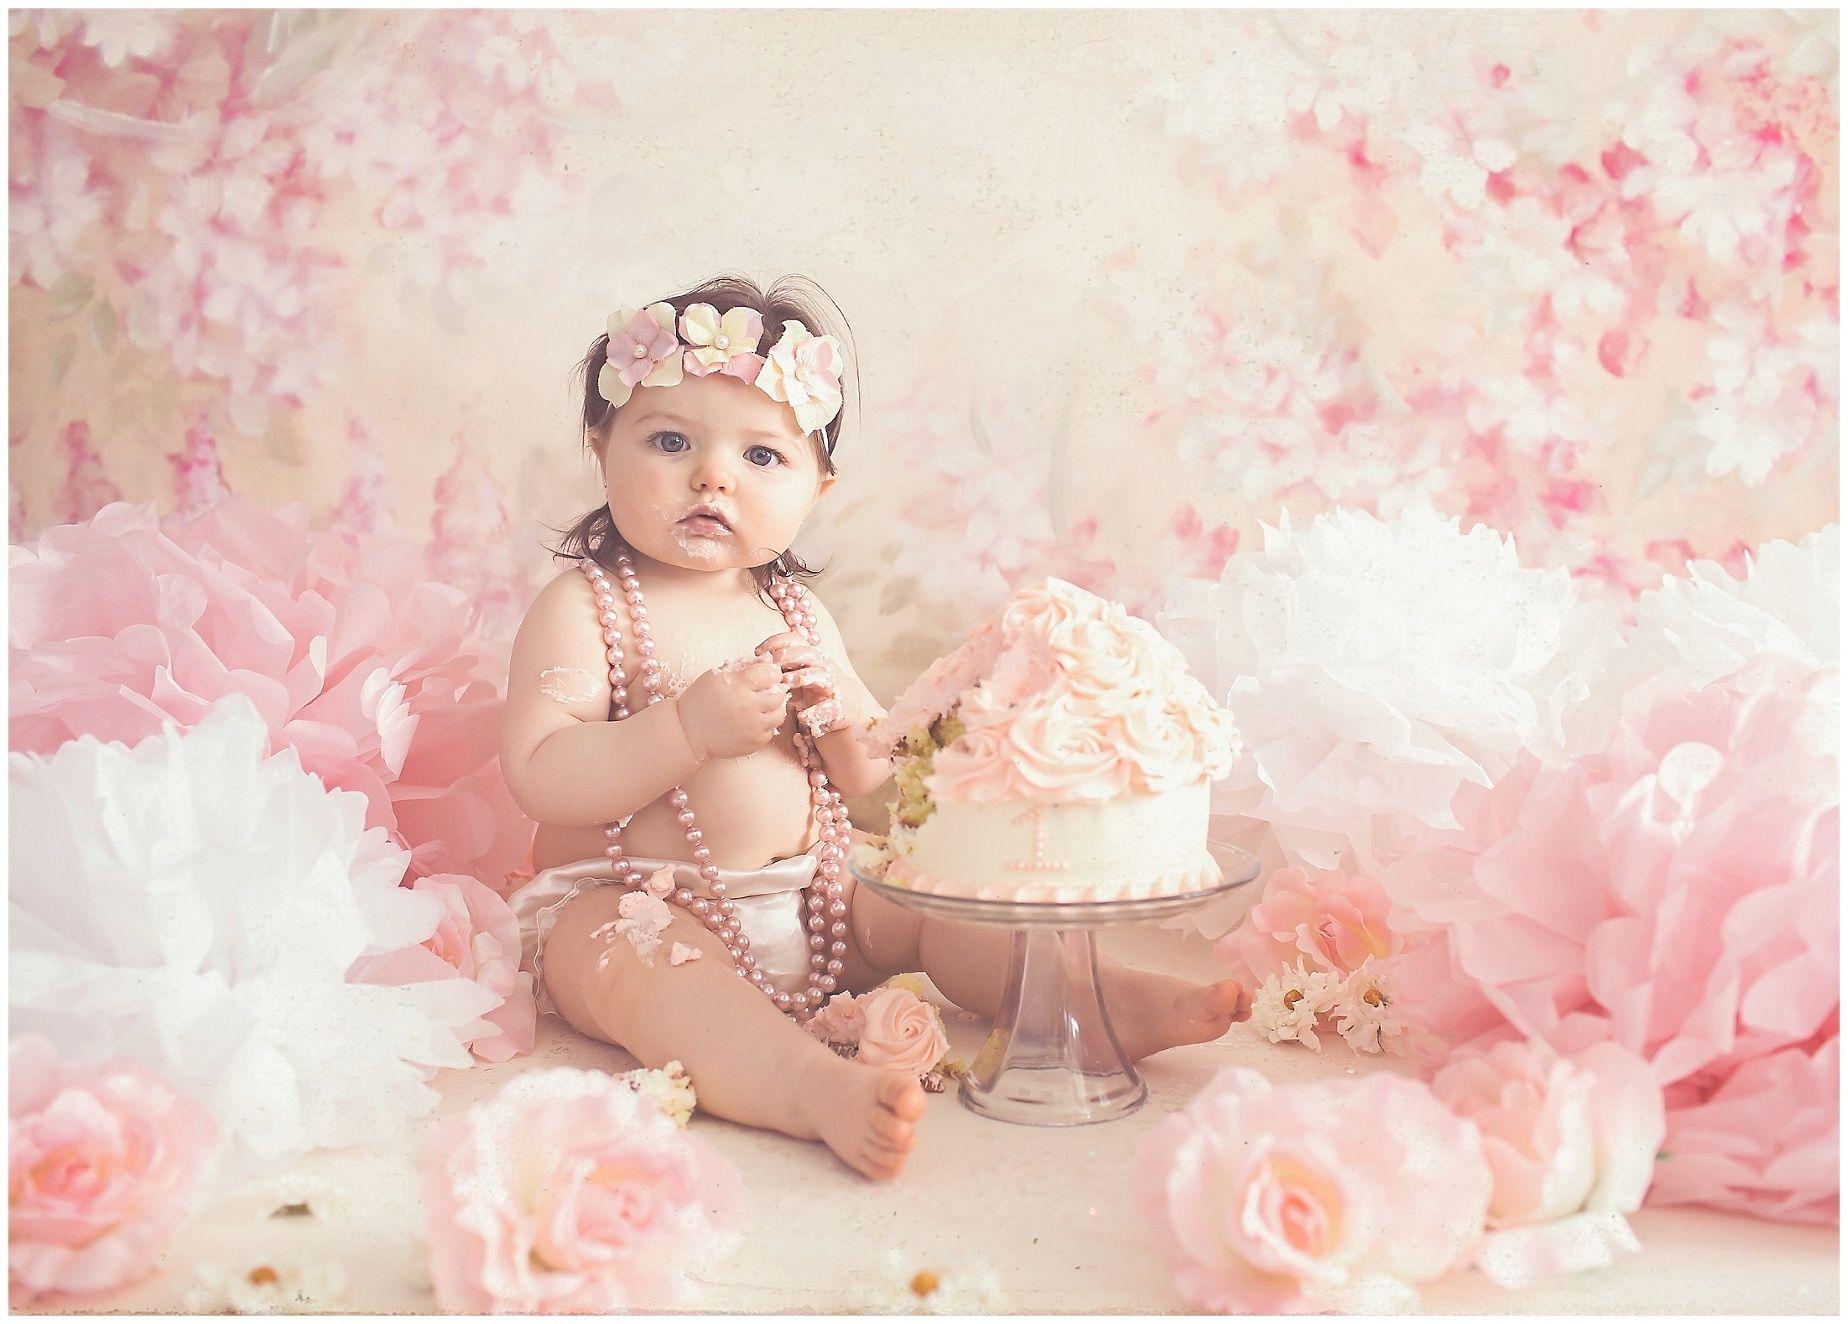 Cake Smash Ideas For St Birthday Girl